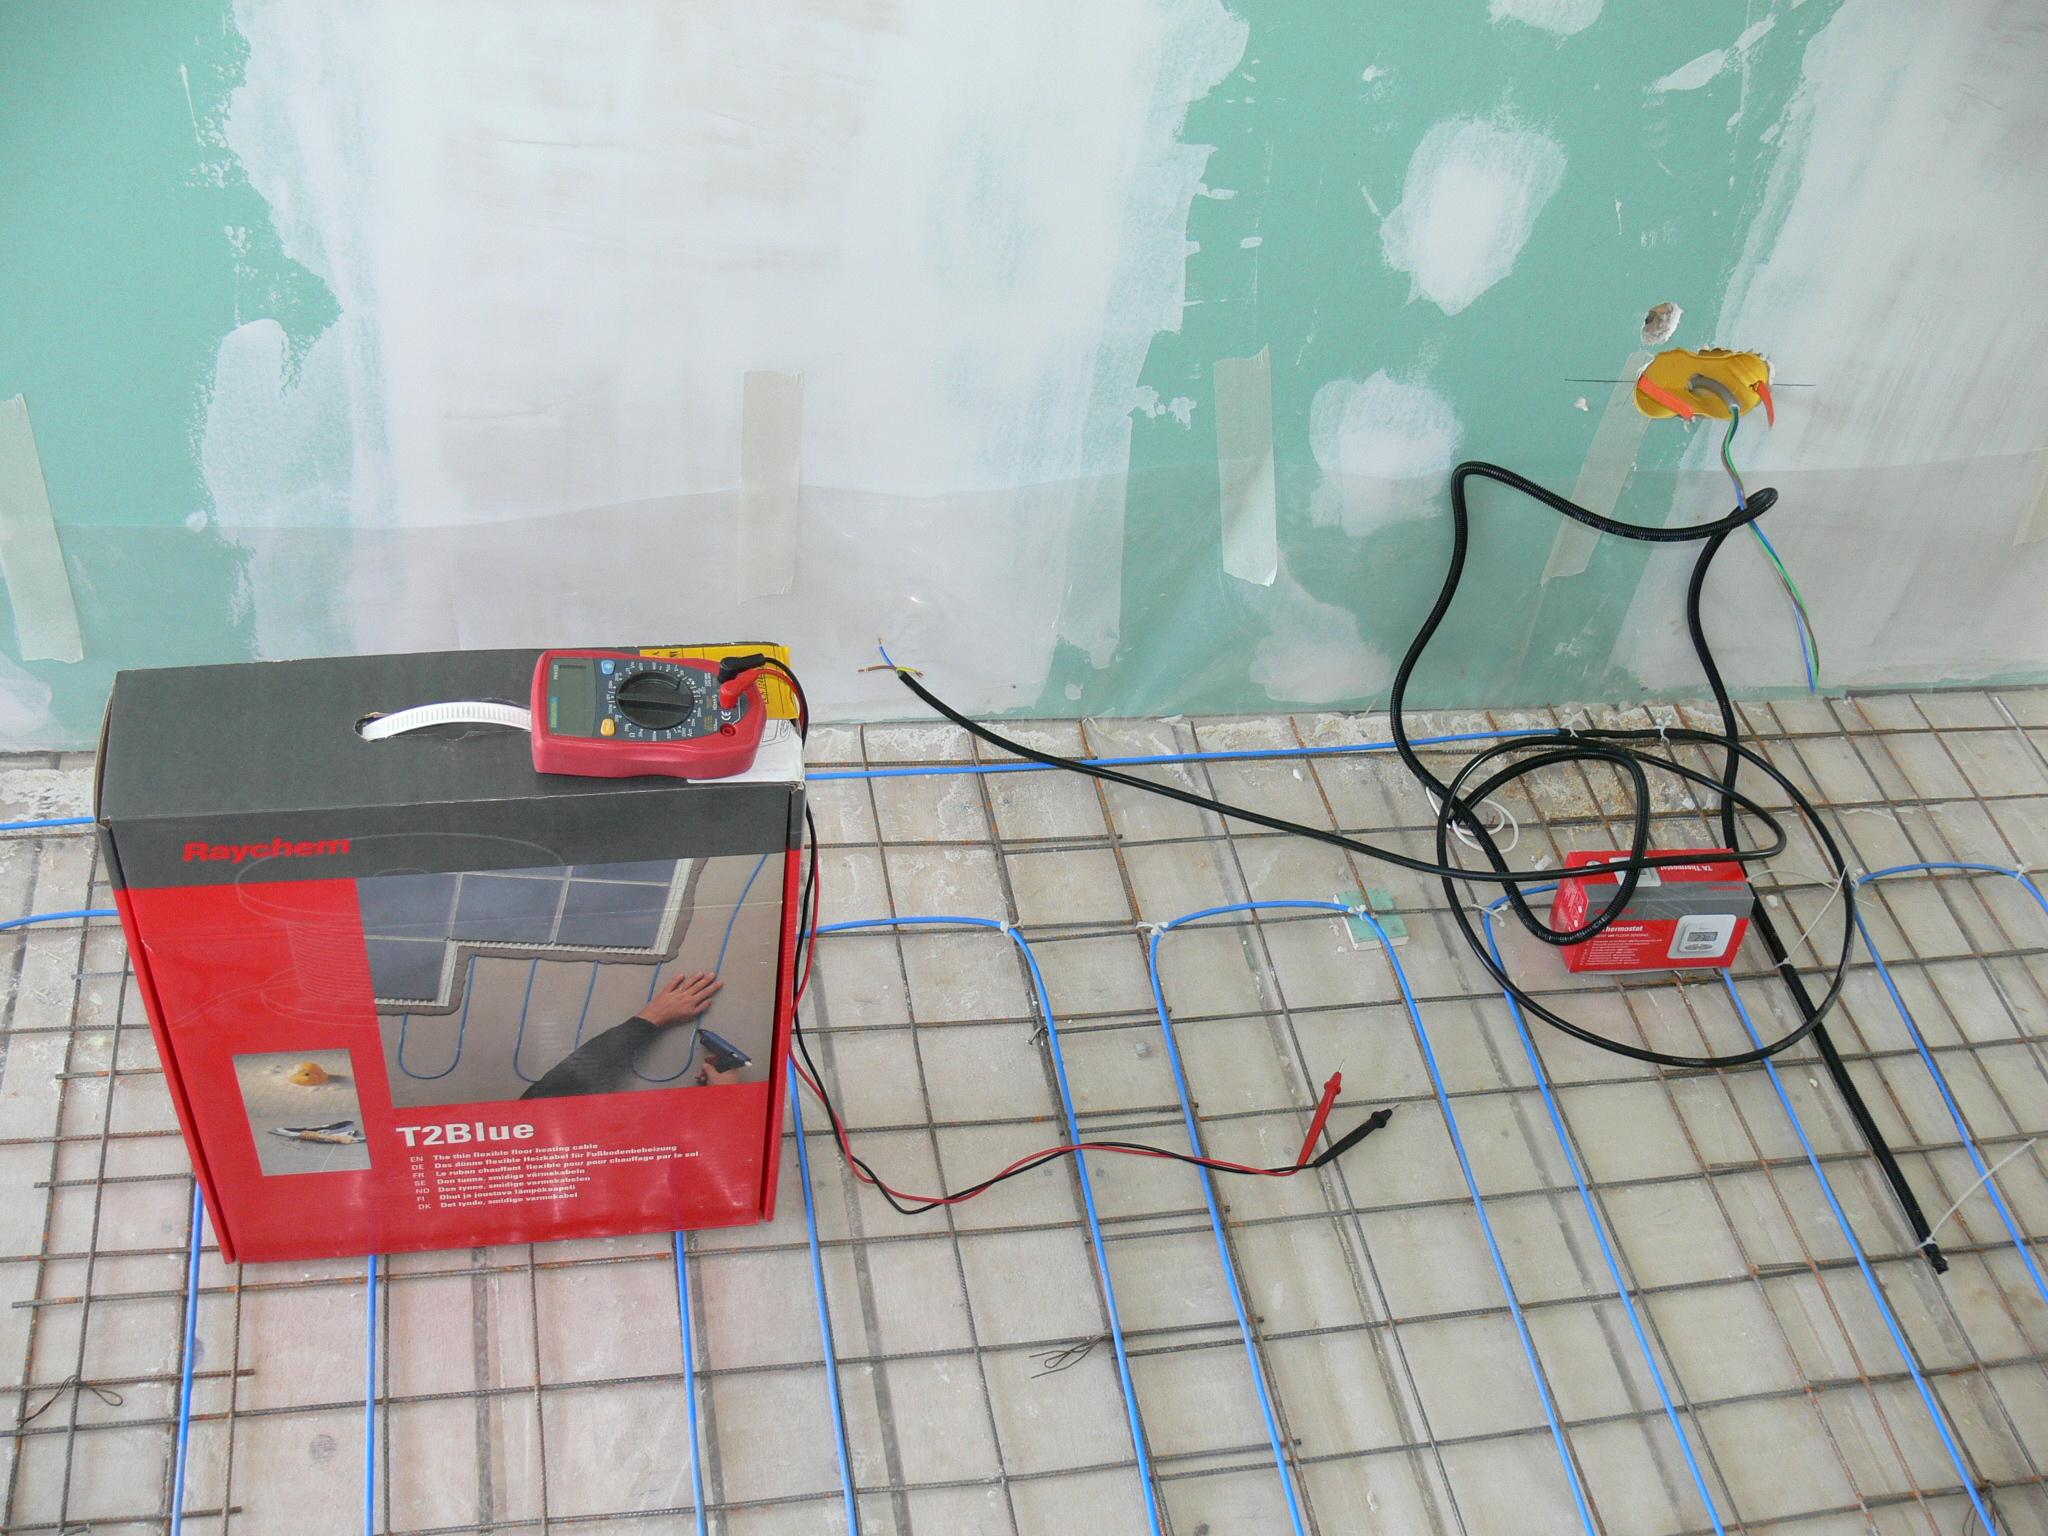 Sistem de incalzire electrica prin pardoseala RAYCHEM - Poza 122